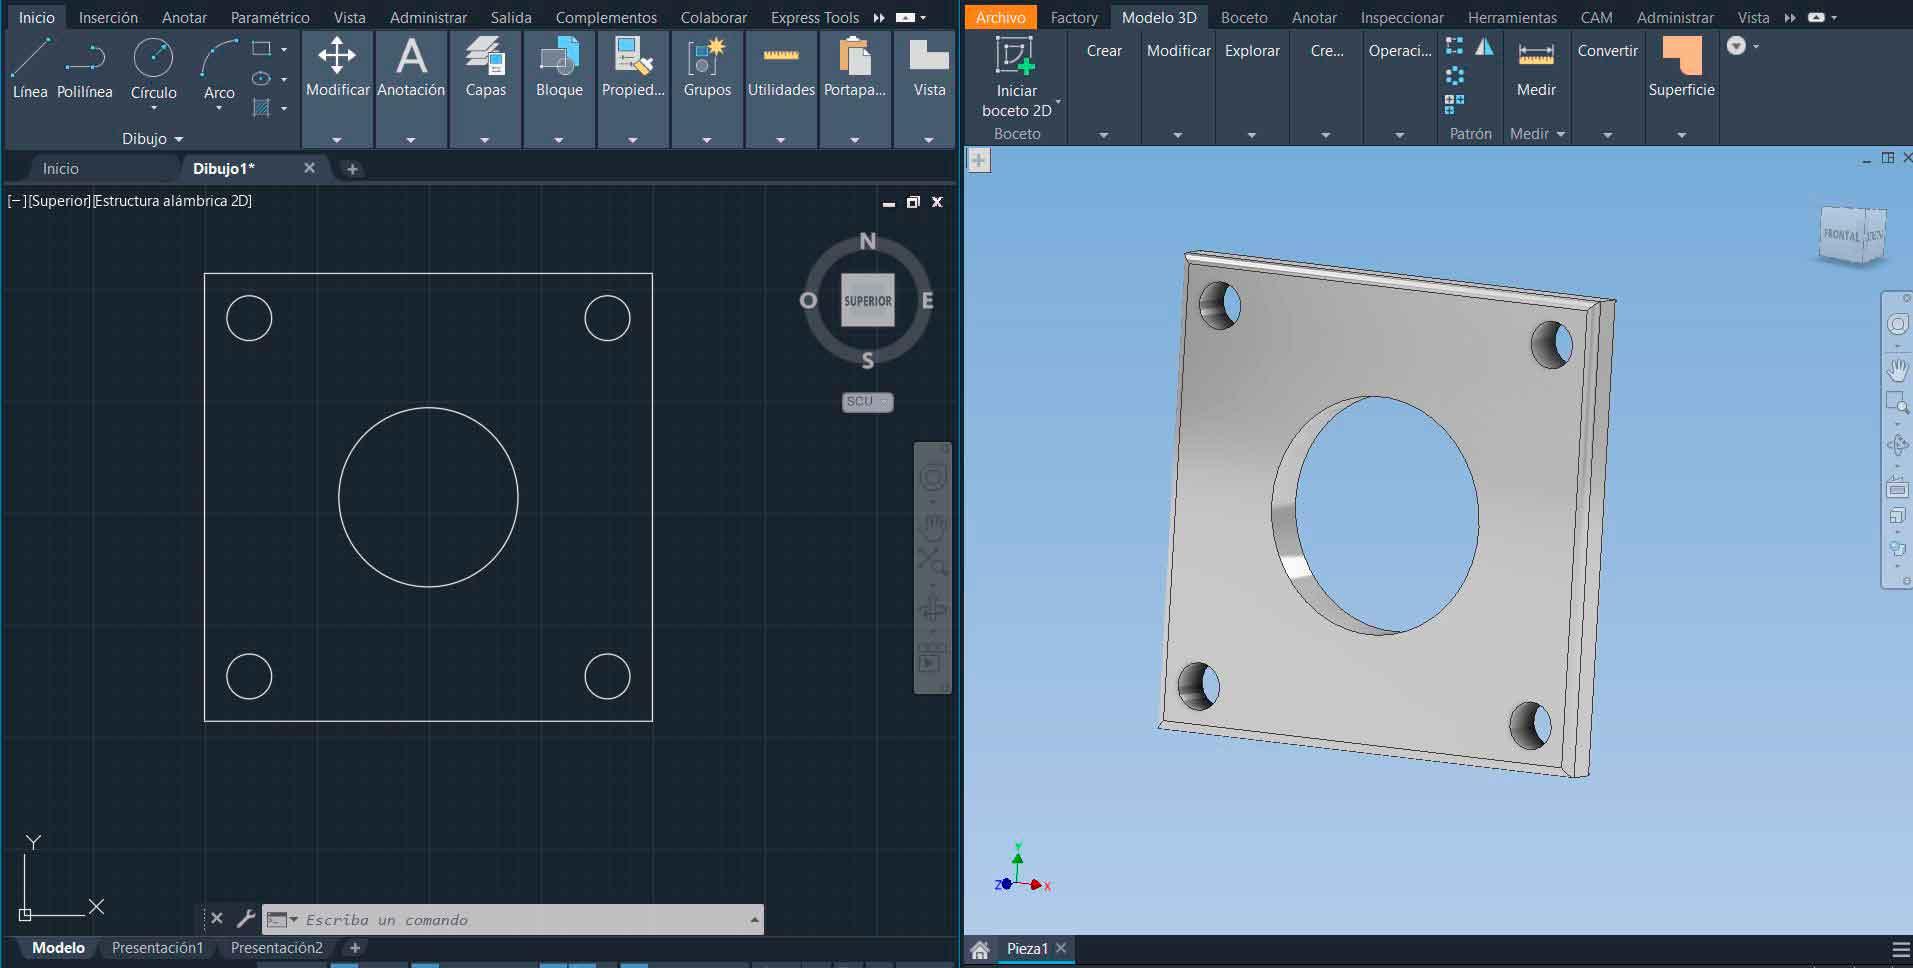 Pasar del 2D al 3D en diseño industrial